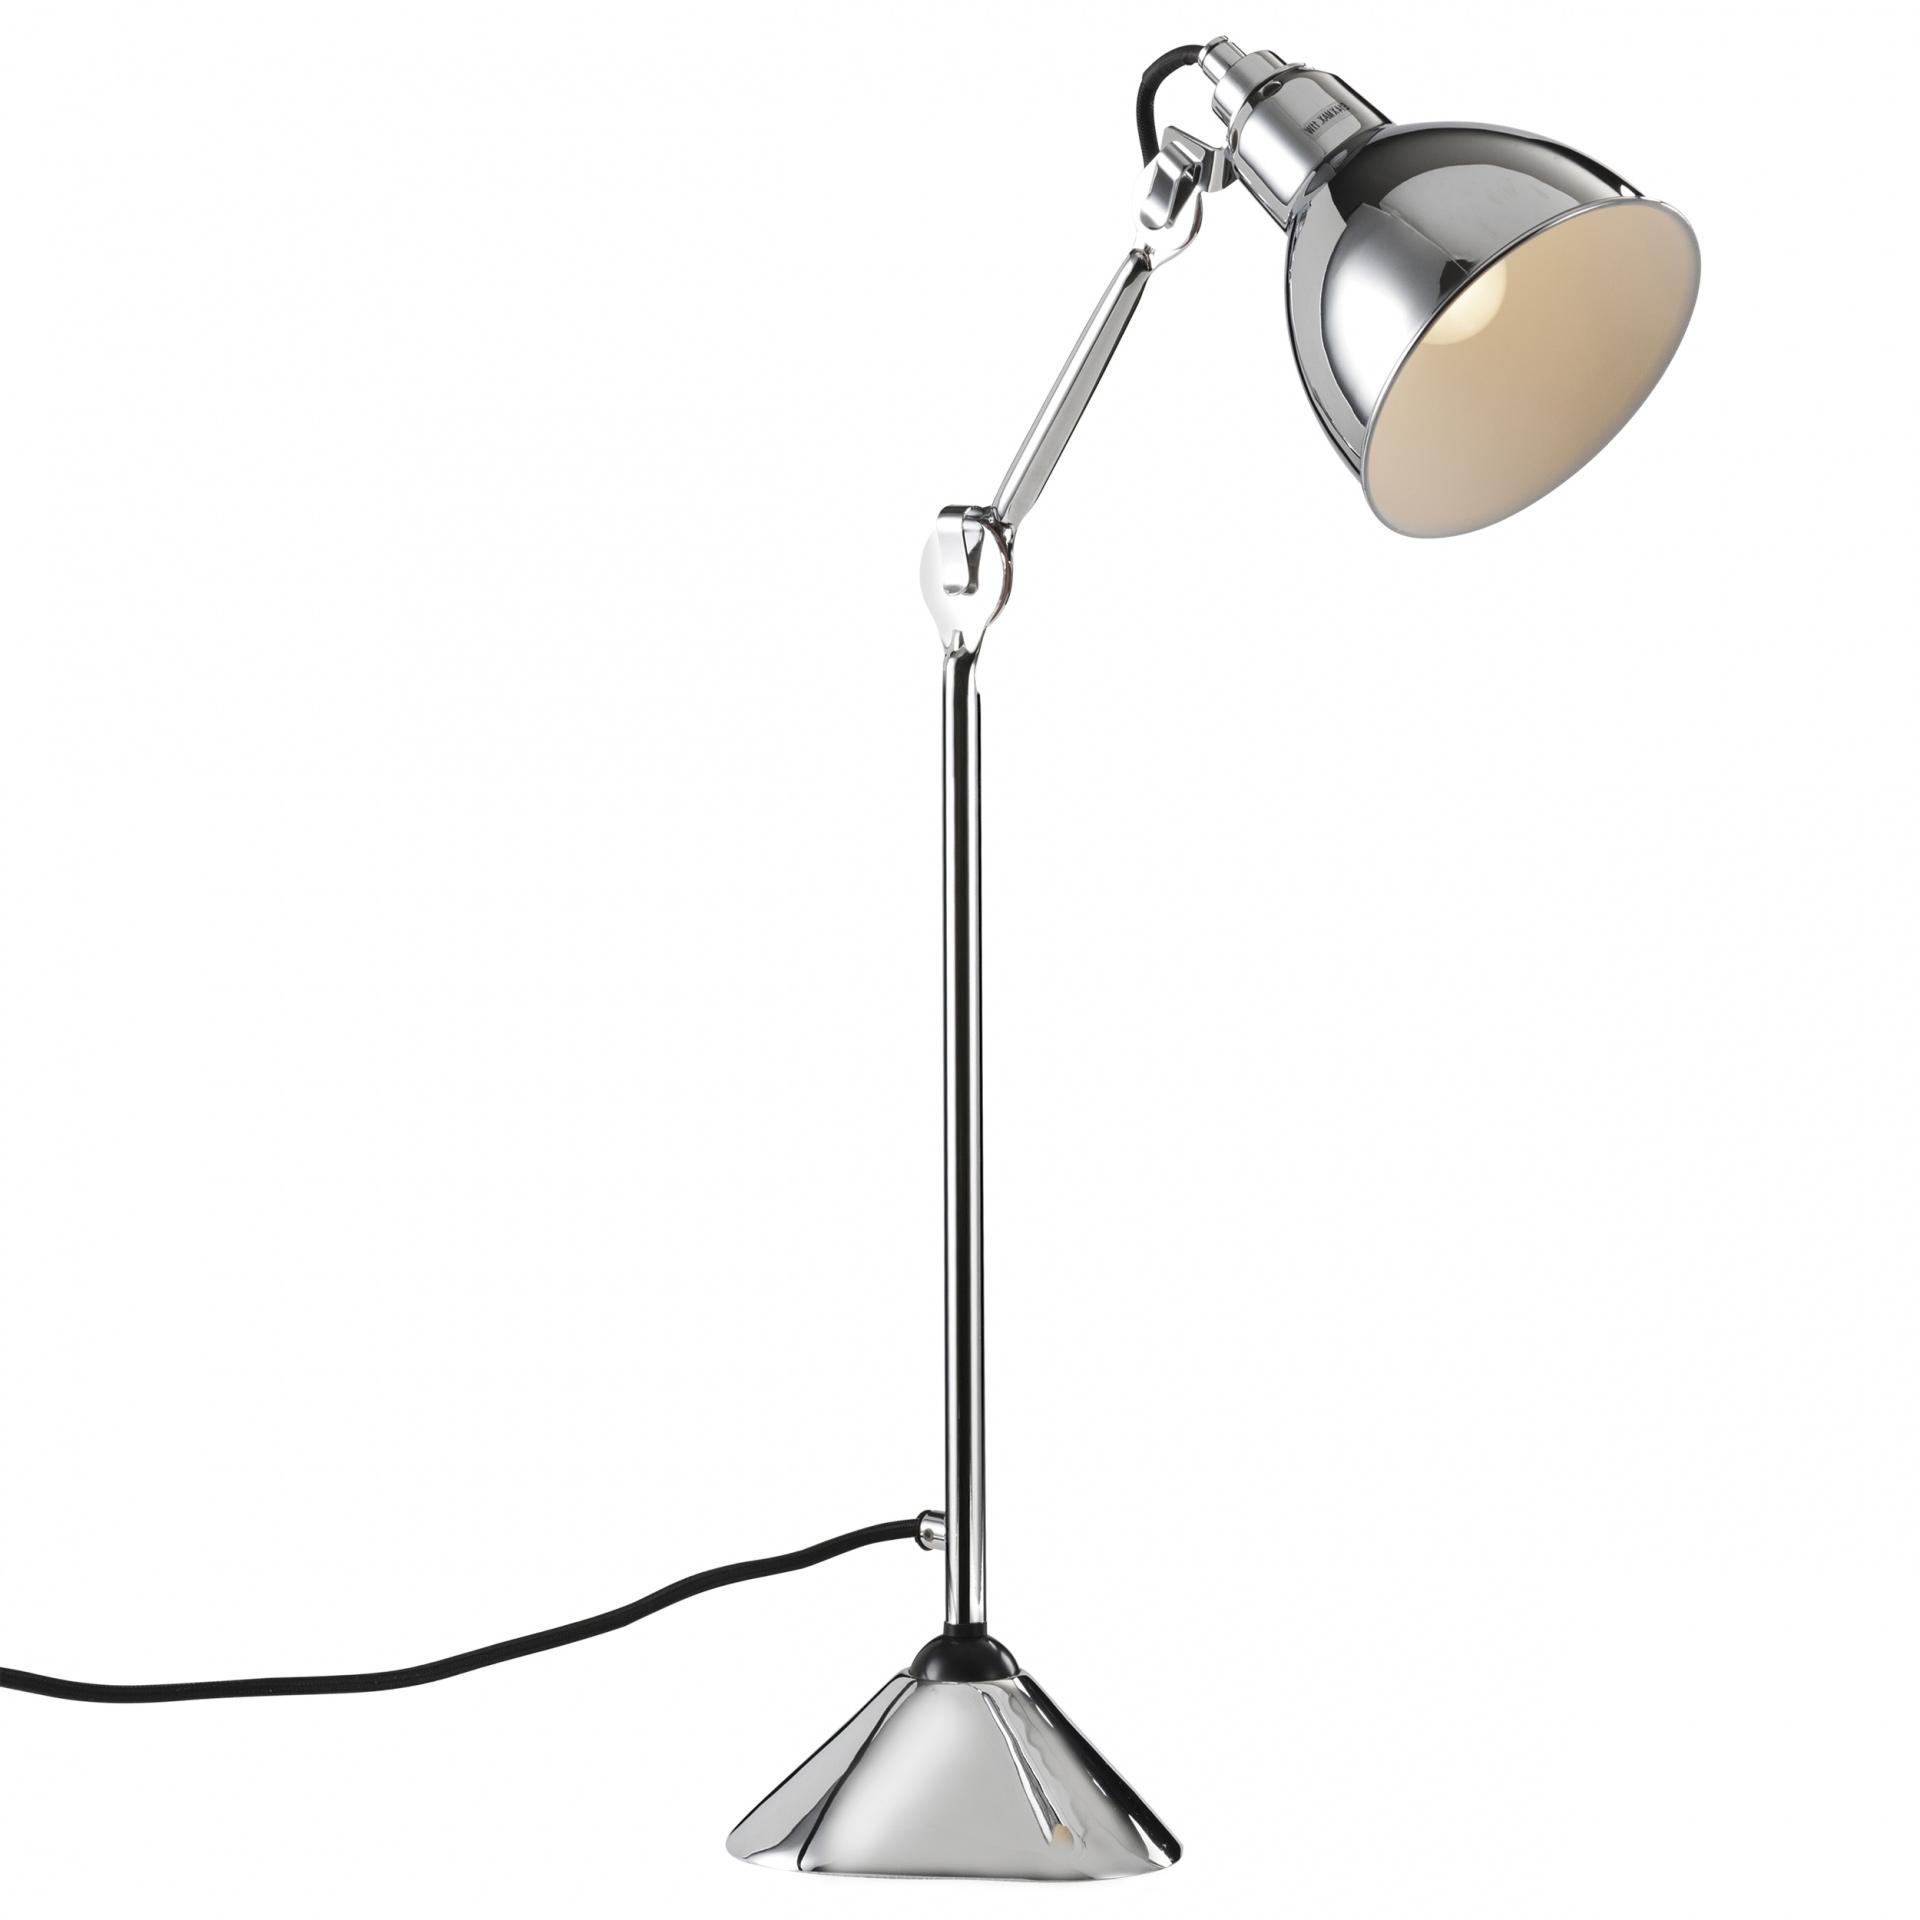 Настольная лампа Loft 1х40W E14 хром Lightstar 765914, купить в СПб, Москве, с доставкой, Санкт-Петербург, интернет-магазин люстр и светильников Starlight, фото в жизни